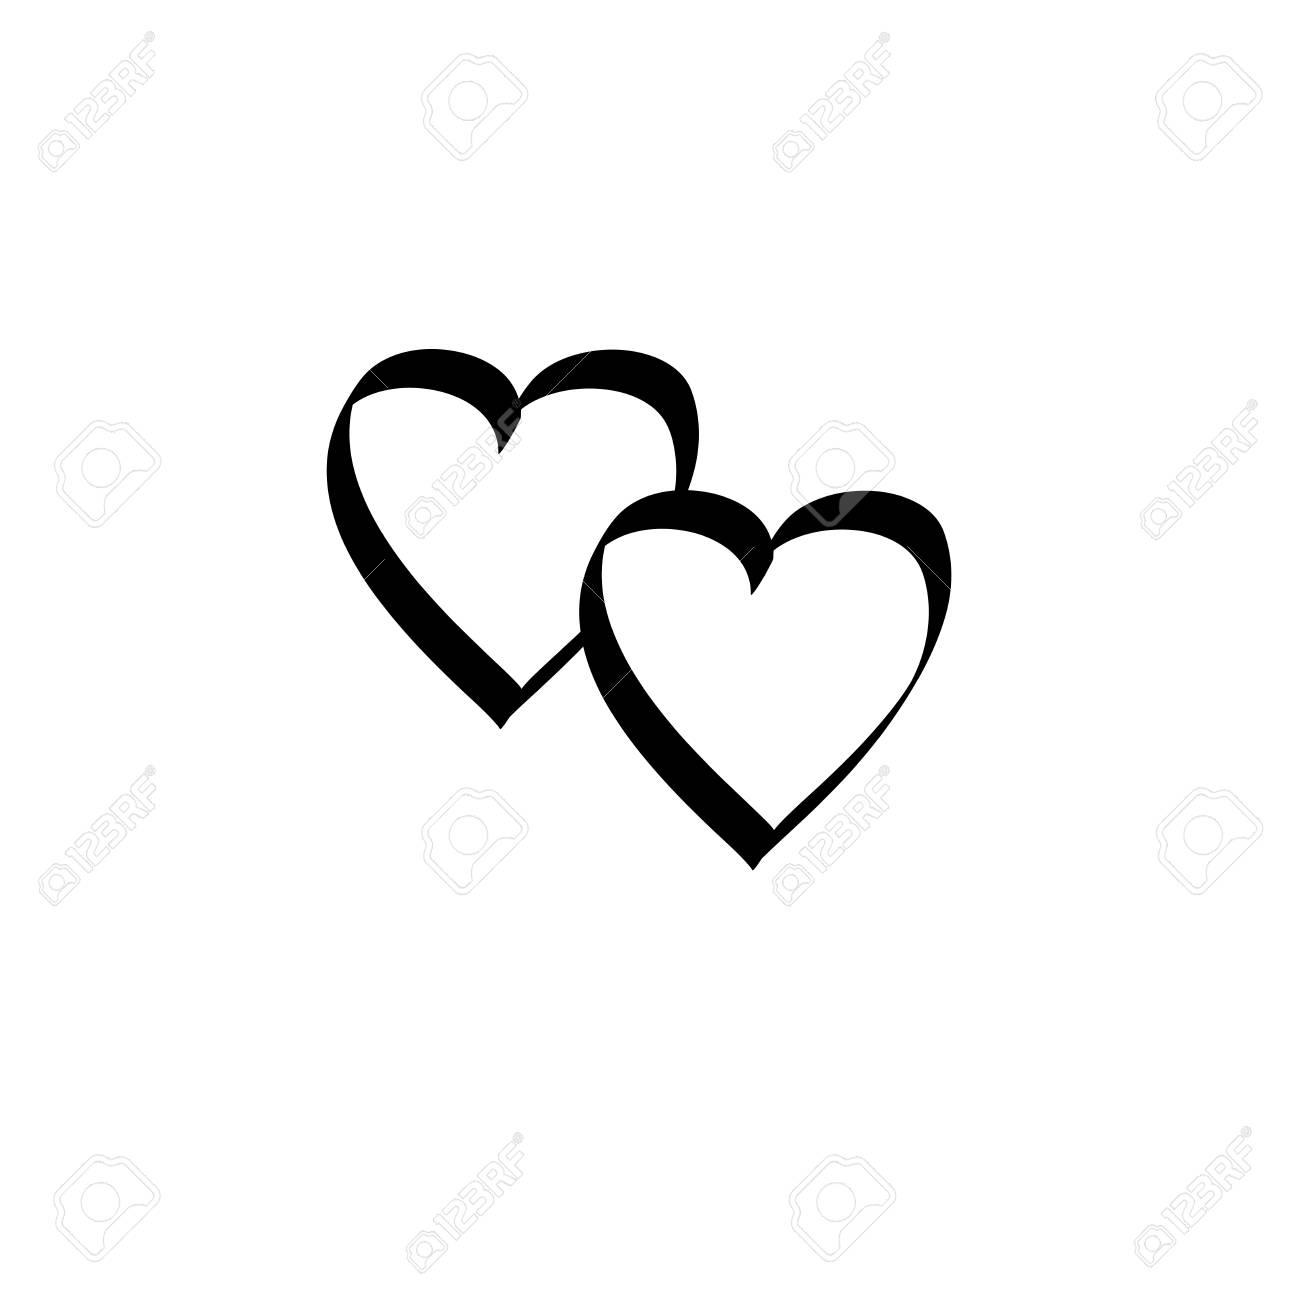 Coeur Deux Rubans Isolés Signe Noir Sur Fond Blanc Symbole De Silhouette Romantique Lié Rejoindre Amour Passion Et Mariage Marque Monochrome Du